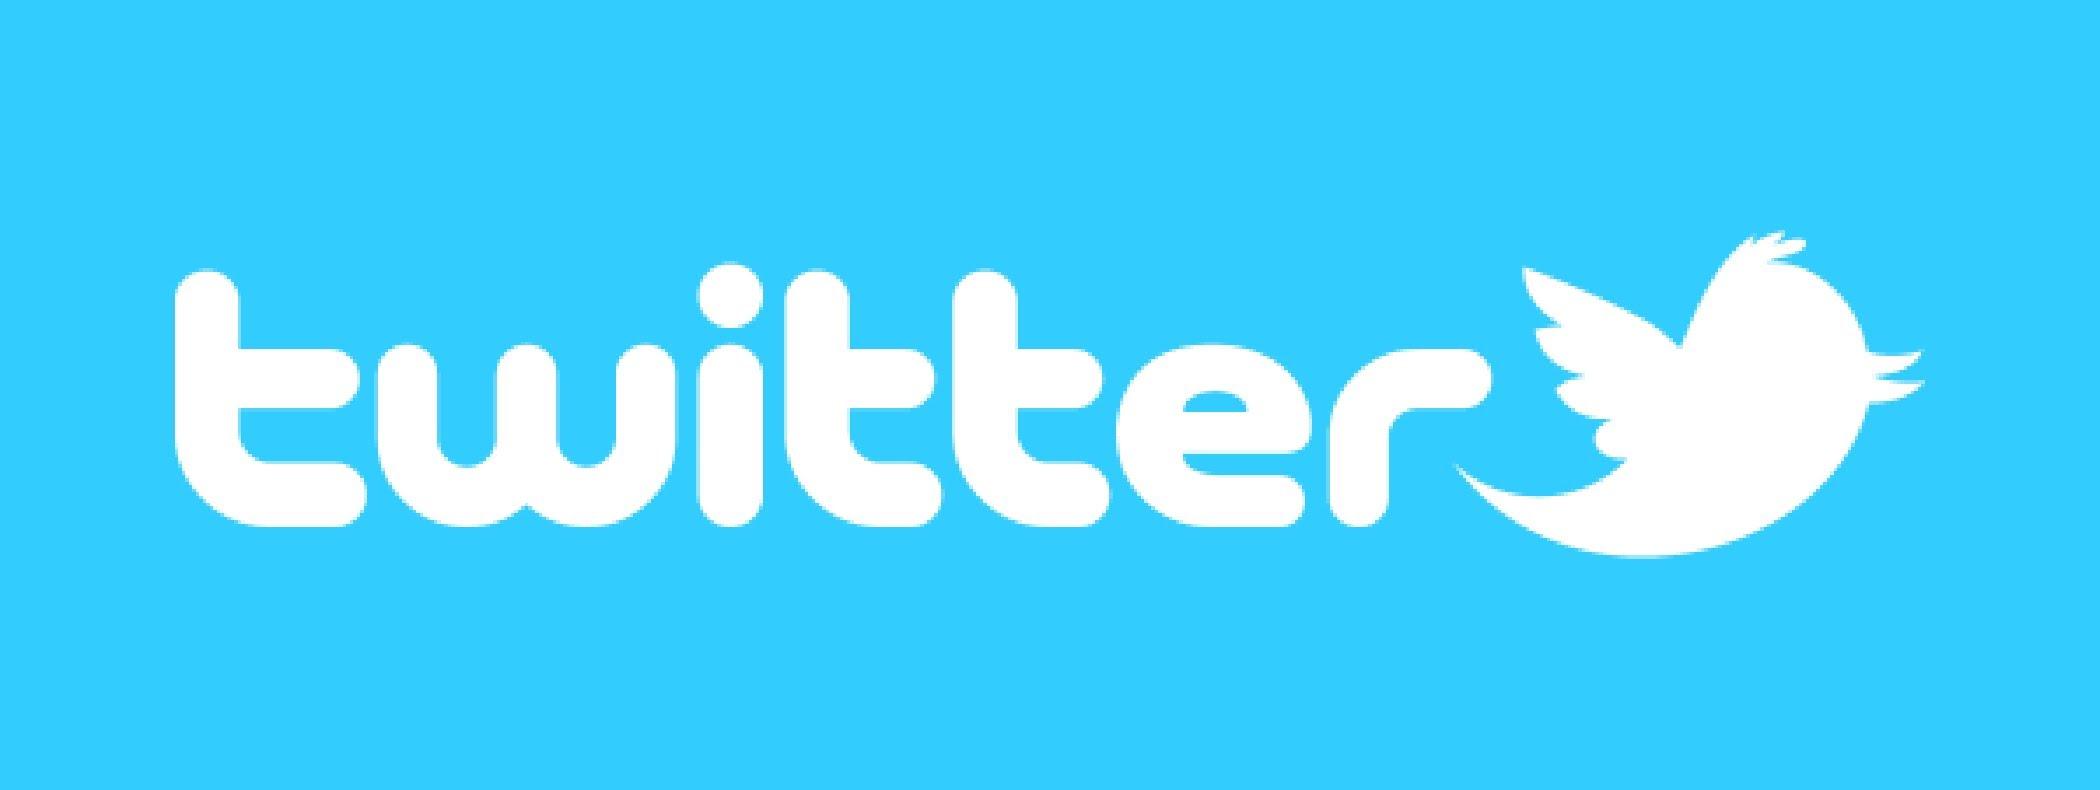 بالصور انشاء حساب تويتر بسهولة 20160718 3751